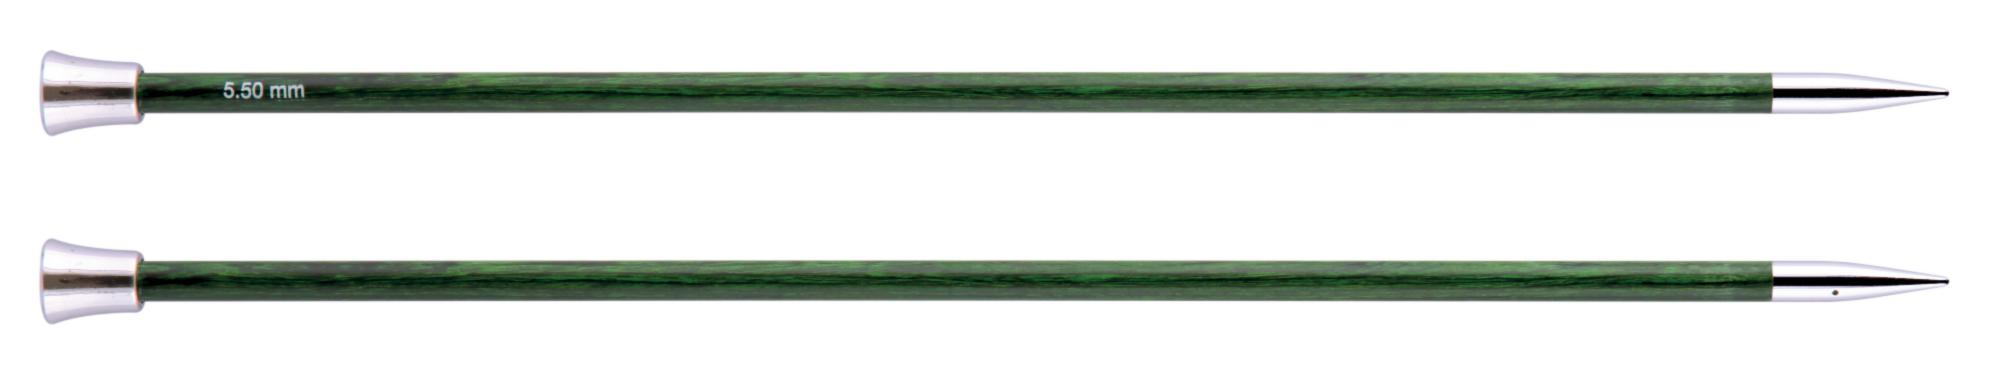 Спицы прямые 35 см Royale KnitPro, 29218, 5.50 мм